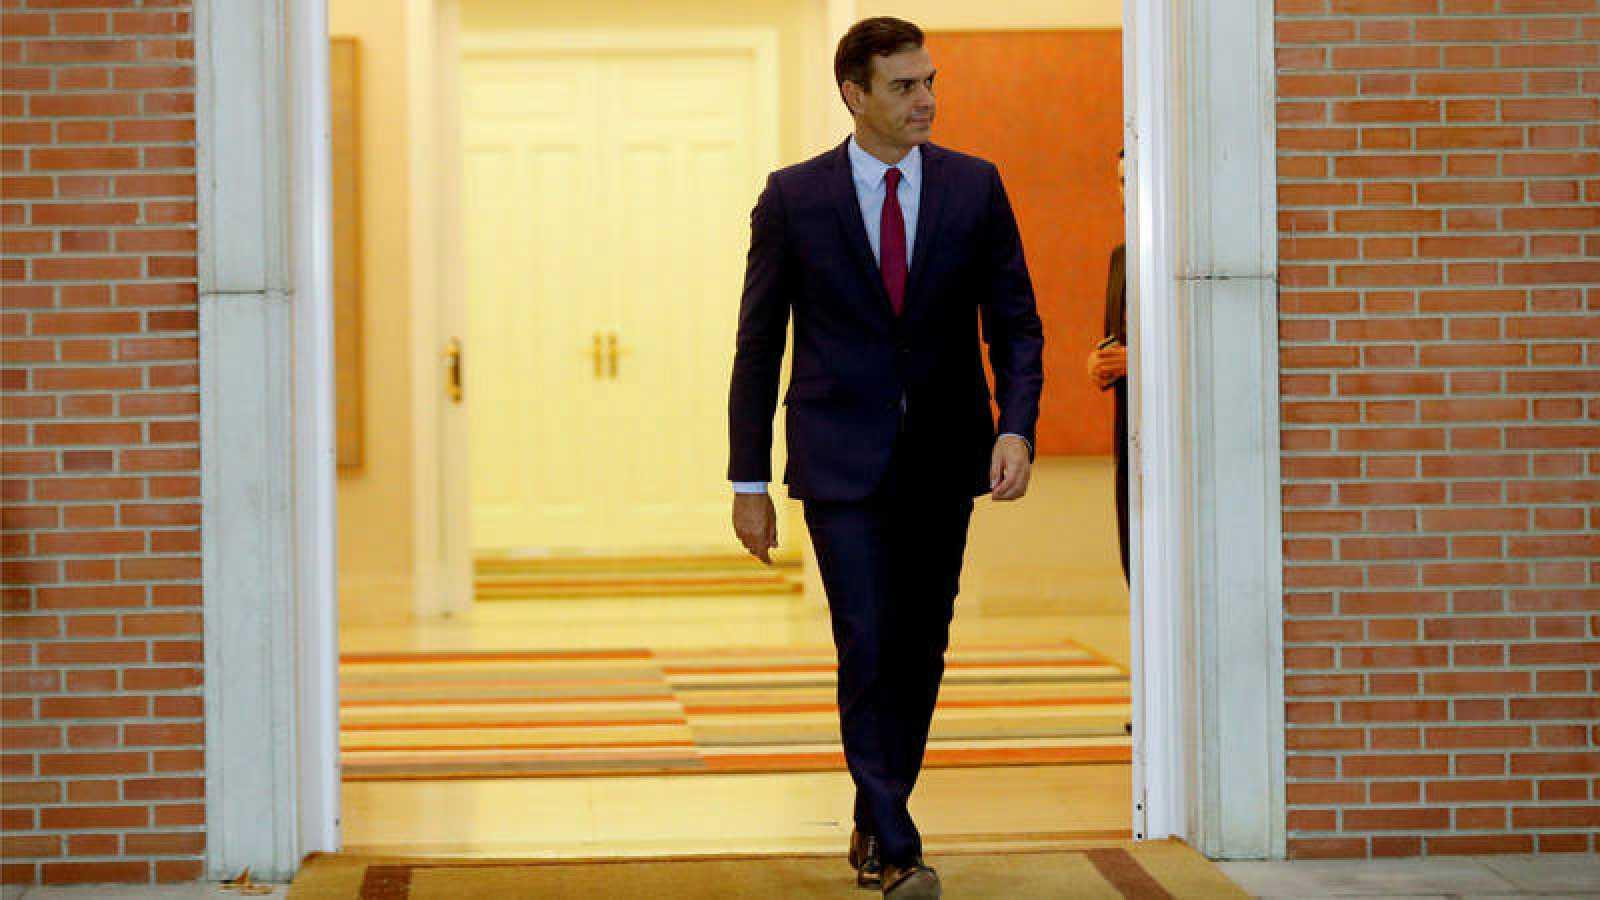 El presidente del Gobierno en funciones Pedro Sánchez, en el Palacio de la Moncloa